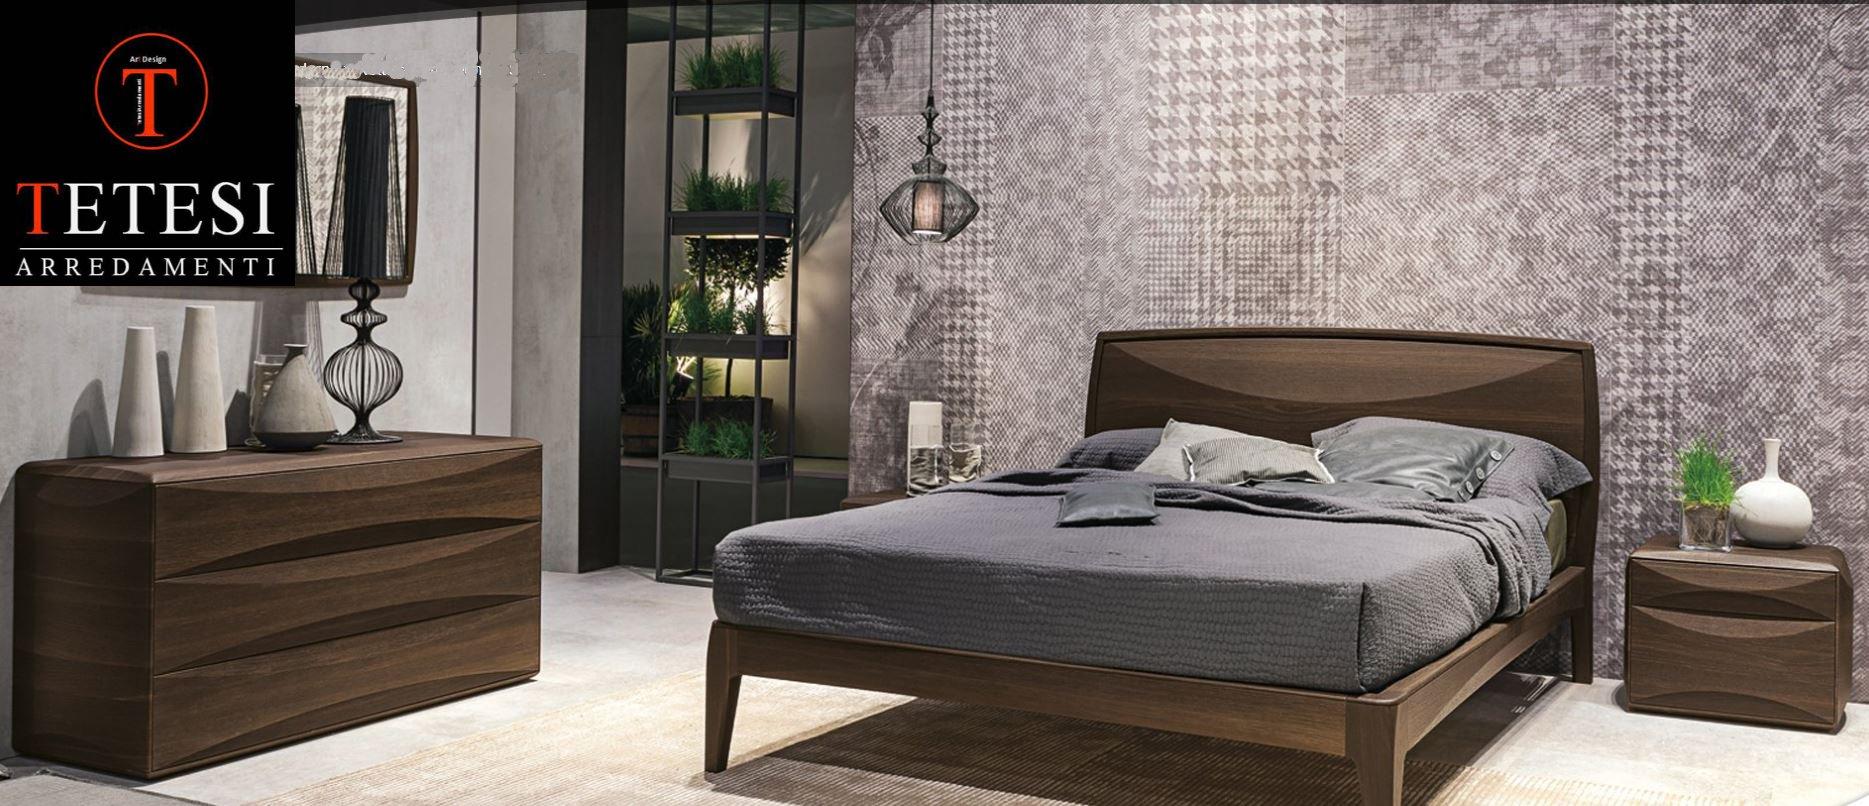 Stanza da letto moderna tetesi arredamenti - Stanza da letto moderna ...